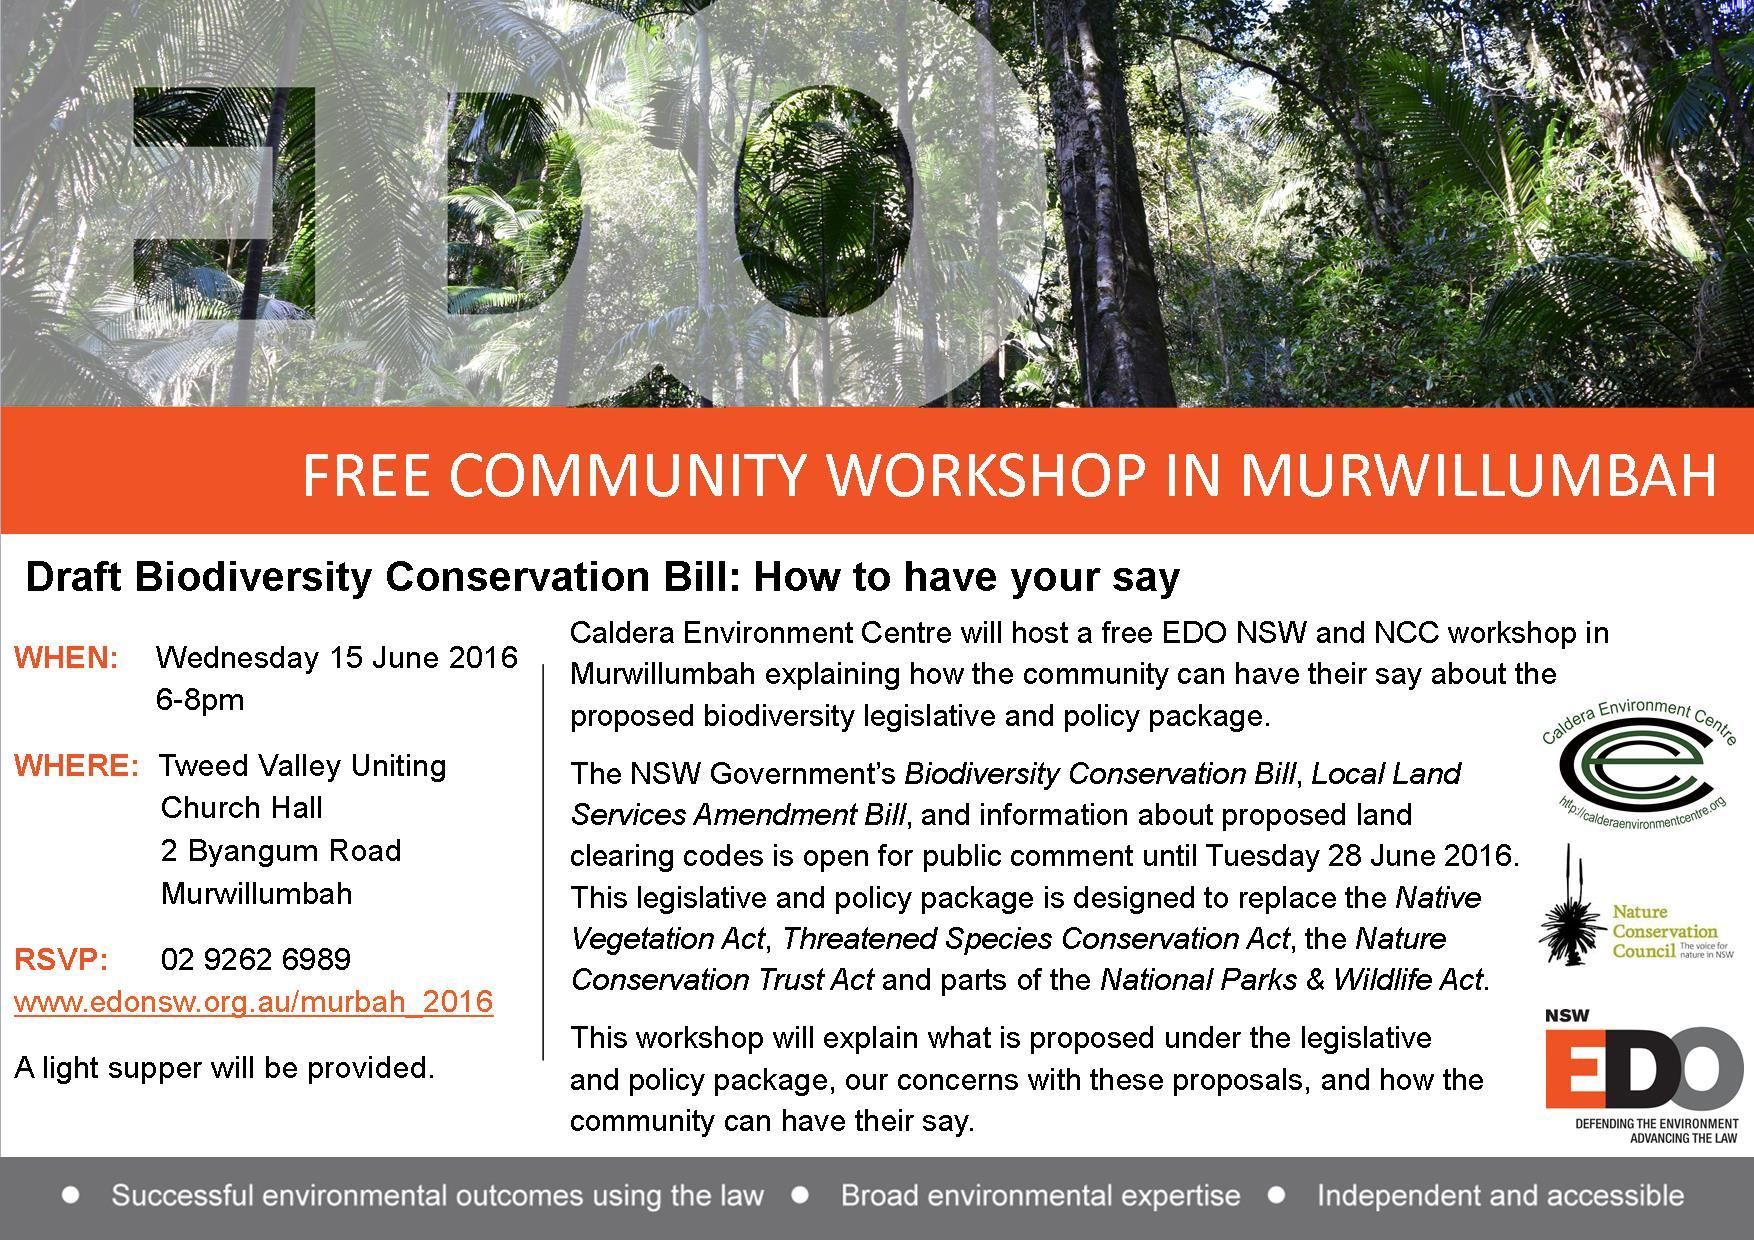 EDO_NSW_Biodiversity_Workshop_Murwillumbah_Flyer.jpg